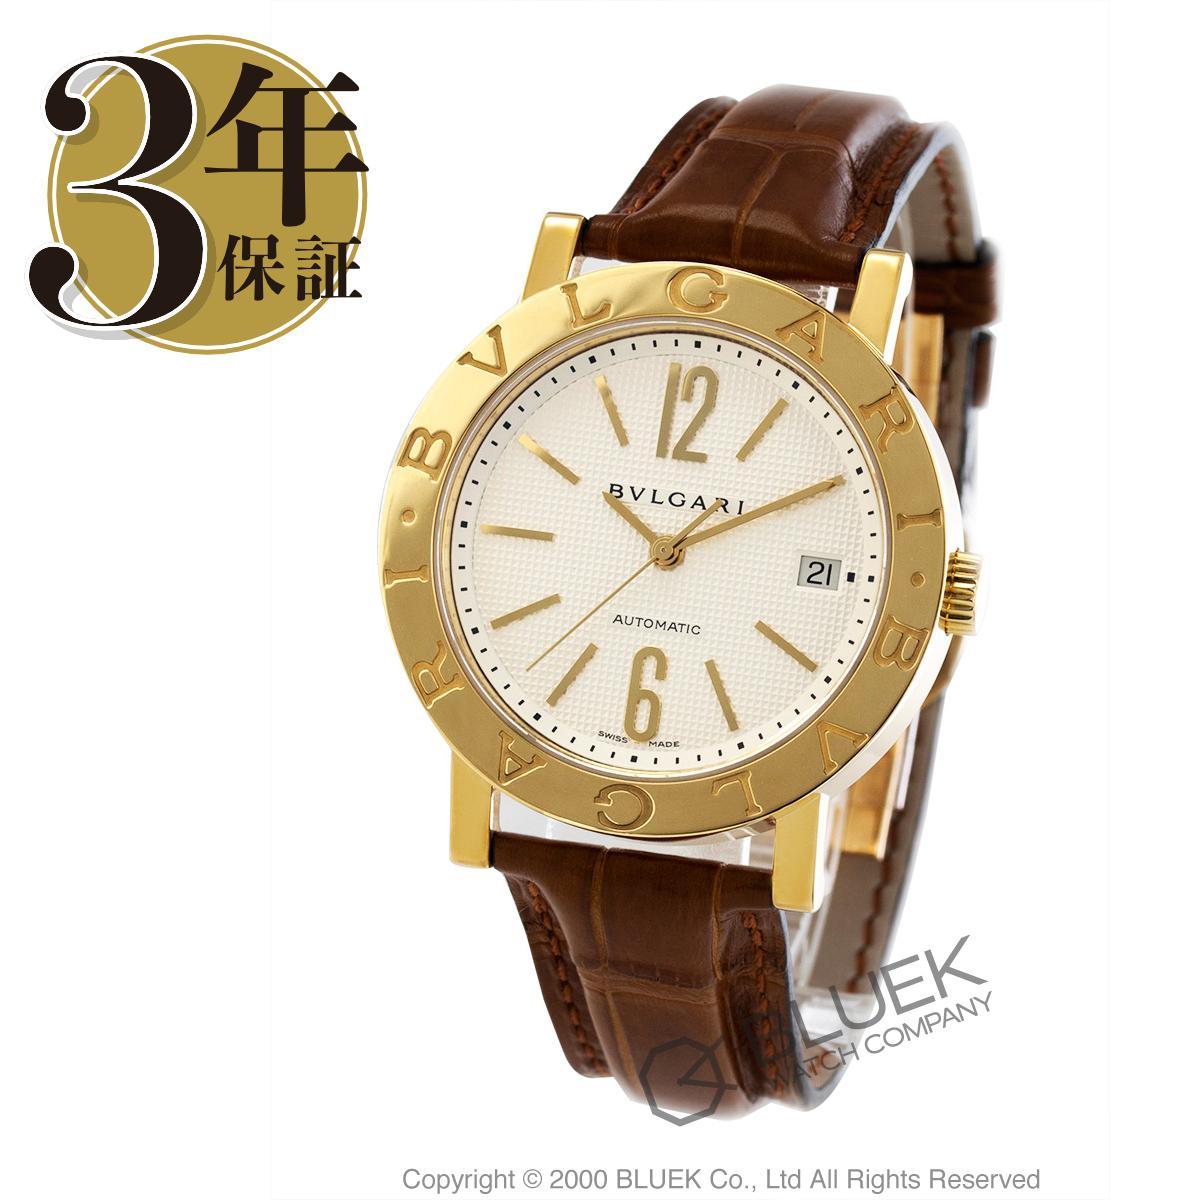 ブルガリ ブルガリブルガリ YG金無垢 アリゲーターレザー 腕時計 メンズ BVLGARI BB38WGLDAUTO_8 バーゲン 成人祝い ギフト プレゼント